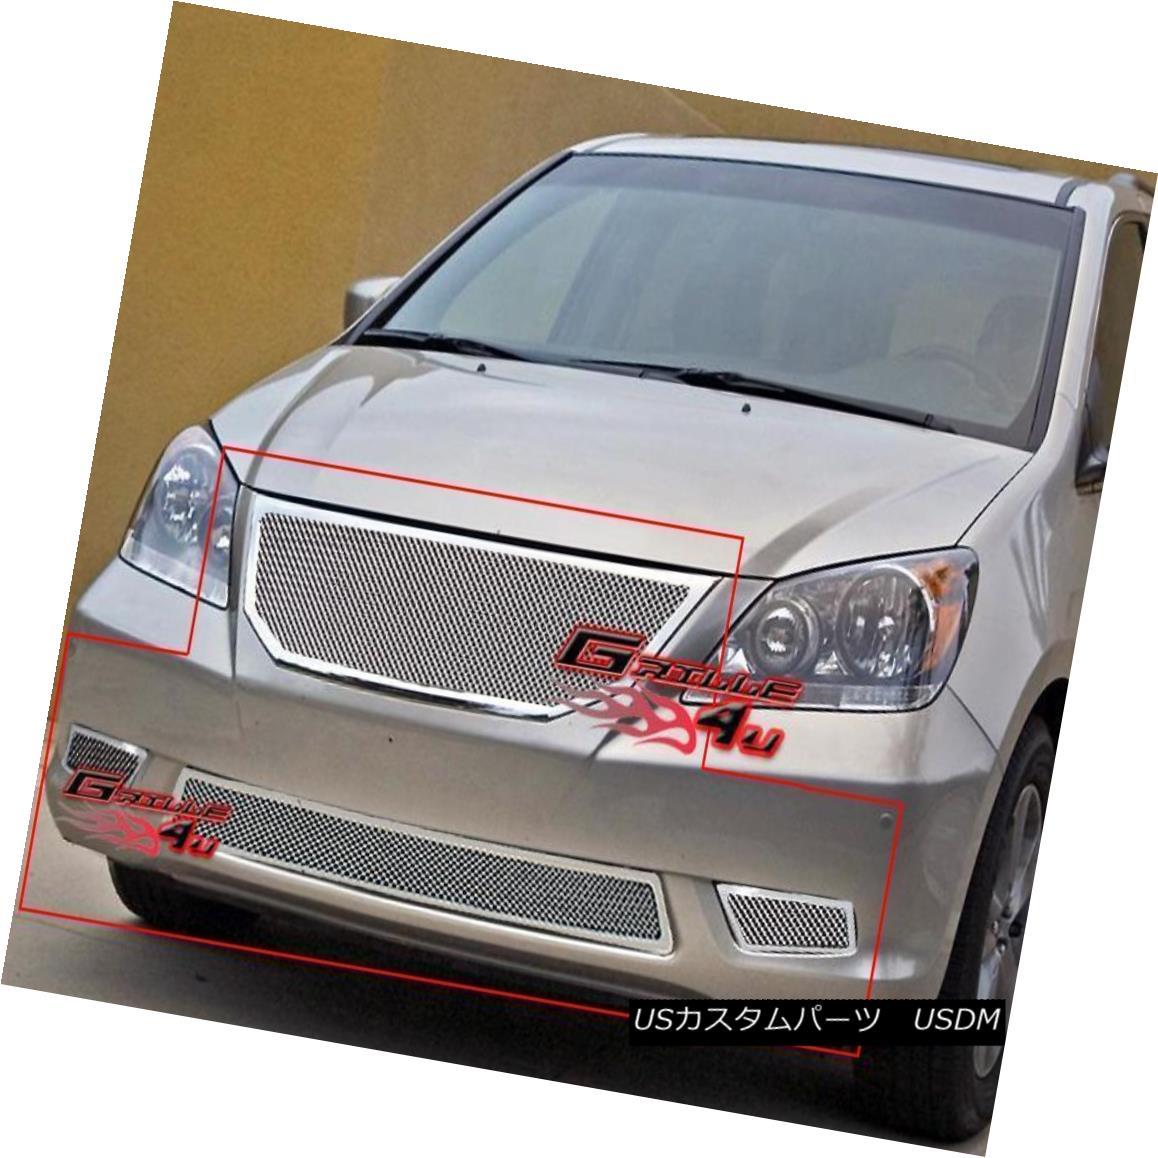 グリル Fits 2008-2010 Honda Odyssey Stainless Mesh Grille Grill Combo Insert フィット2008-2010ホンダオデッセイステンレスメッシュグリルグリルコンボインサート